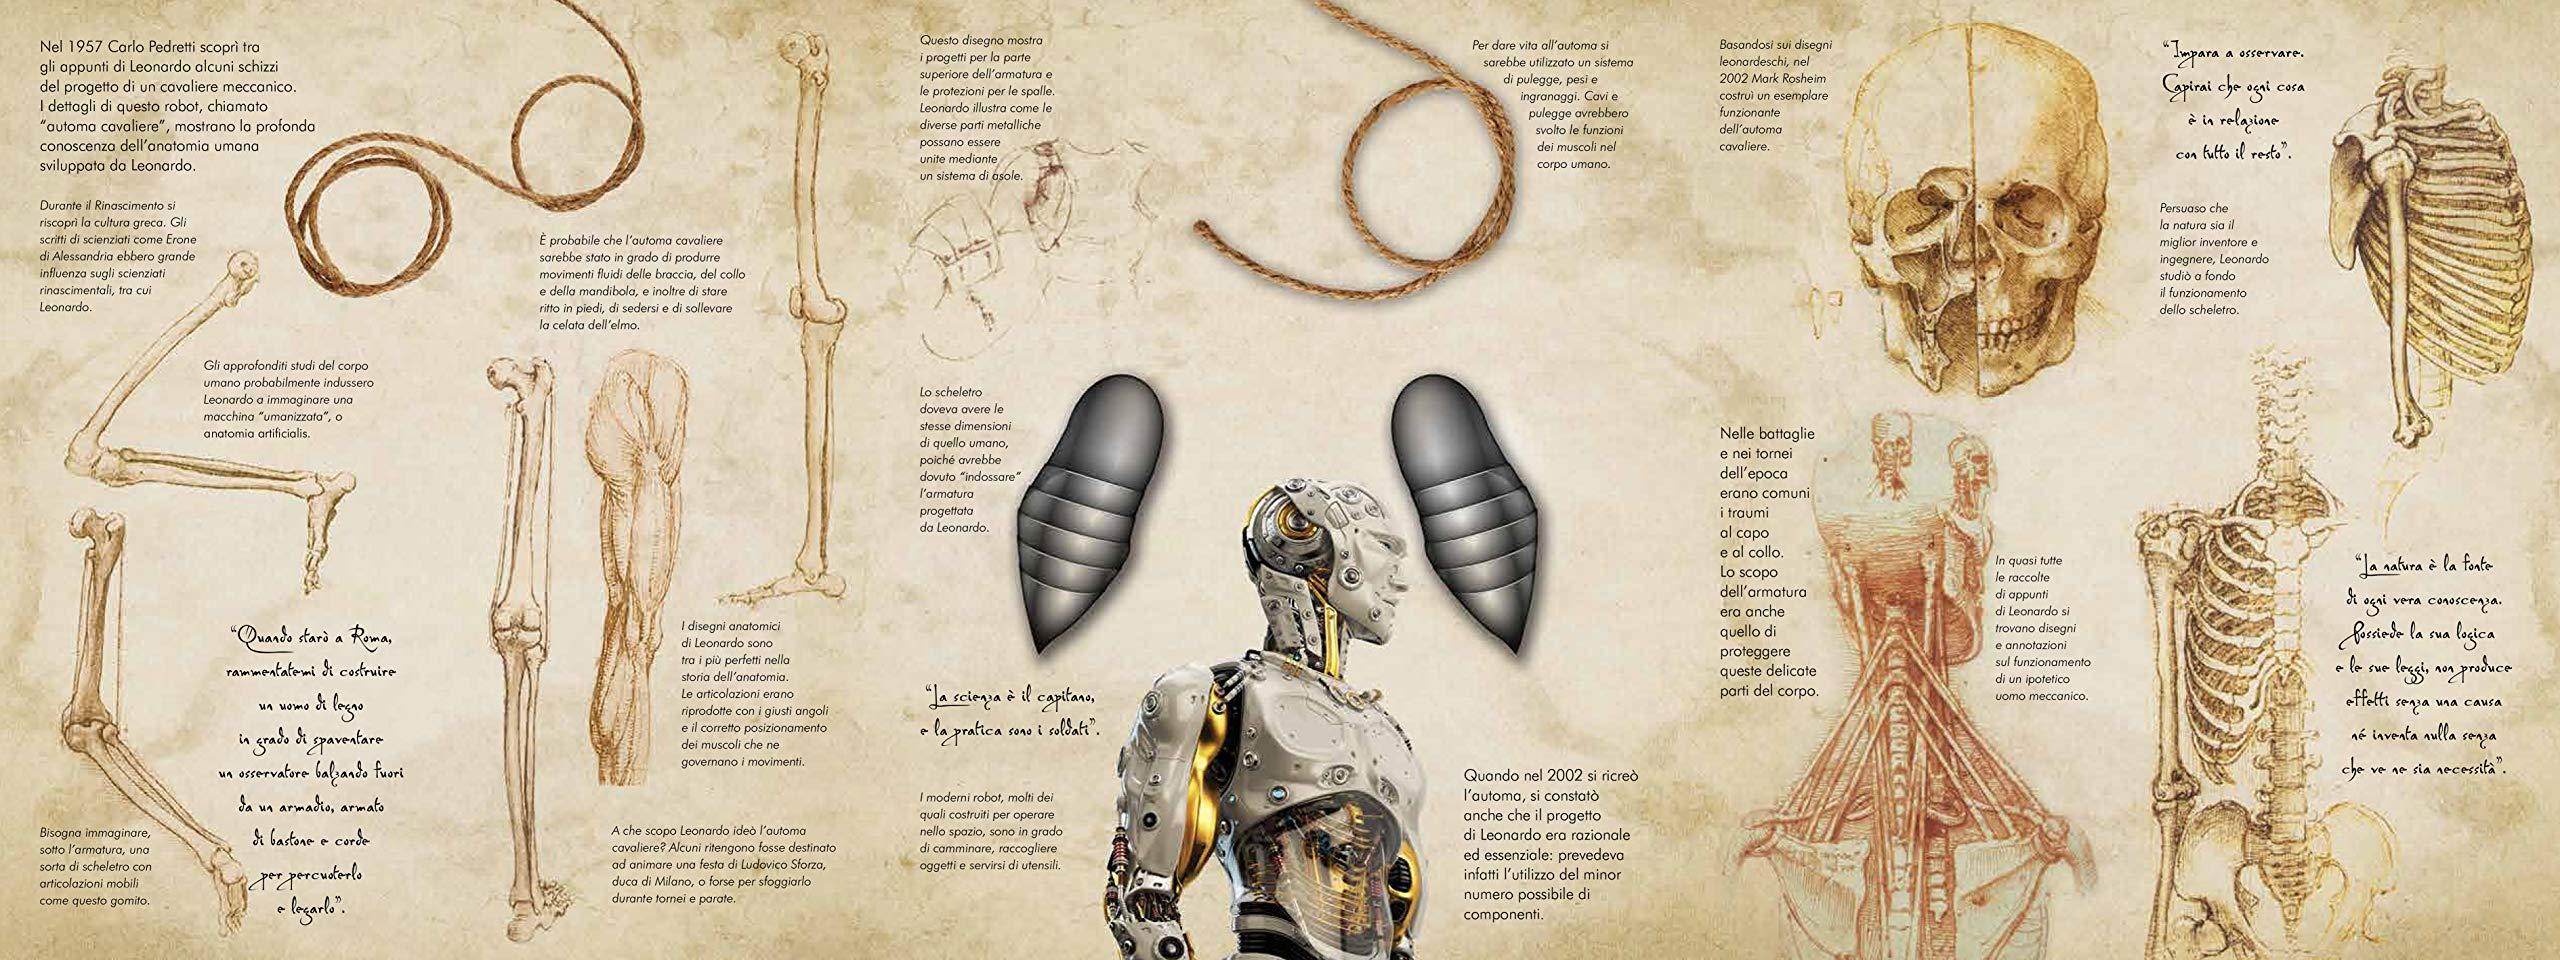 Vinci et la robotique